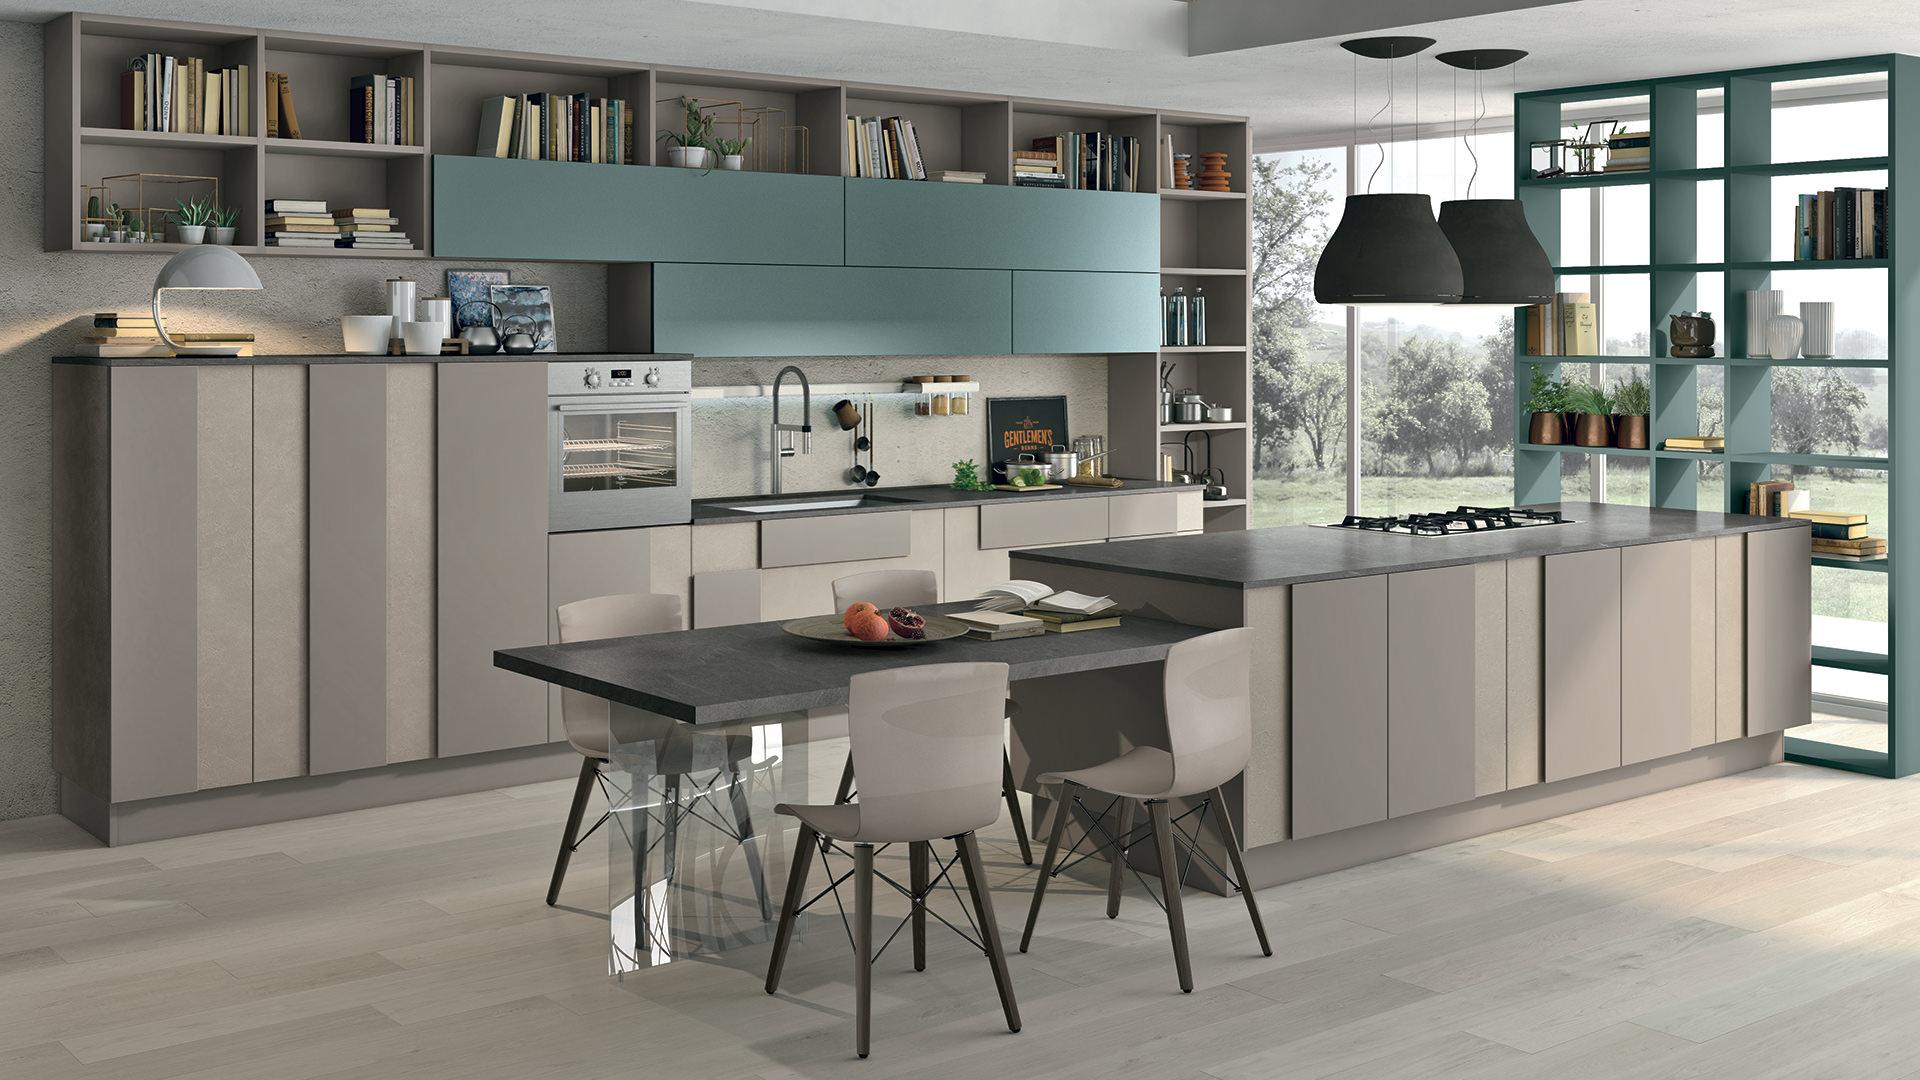 Le 5 categorie di cucina per coprire qualsiasi necessit - Cucine con isola lube ...